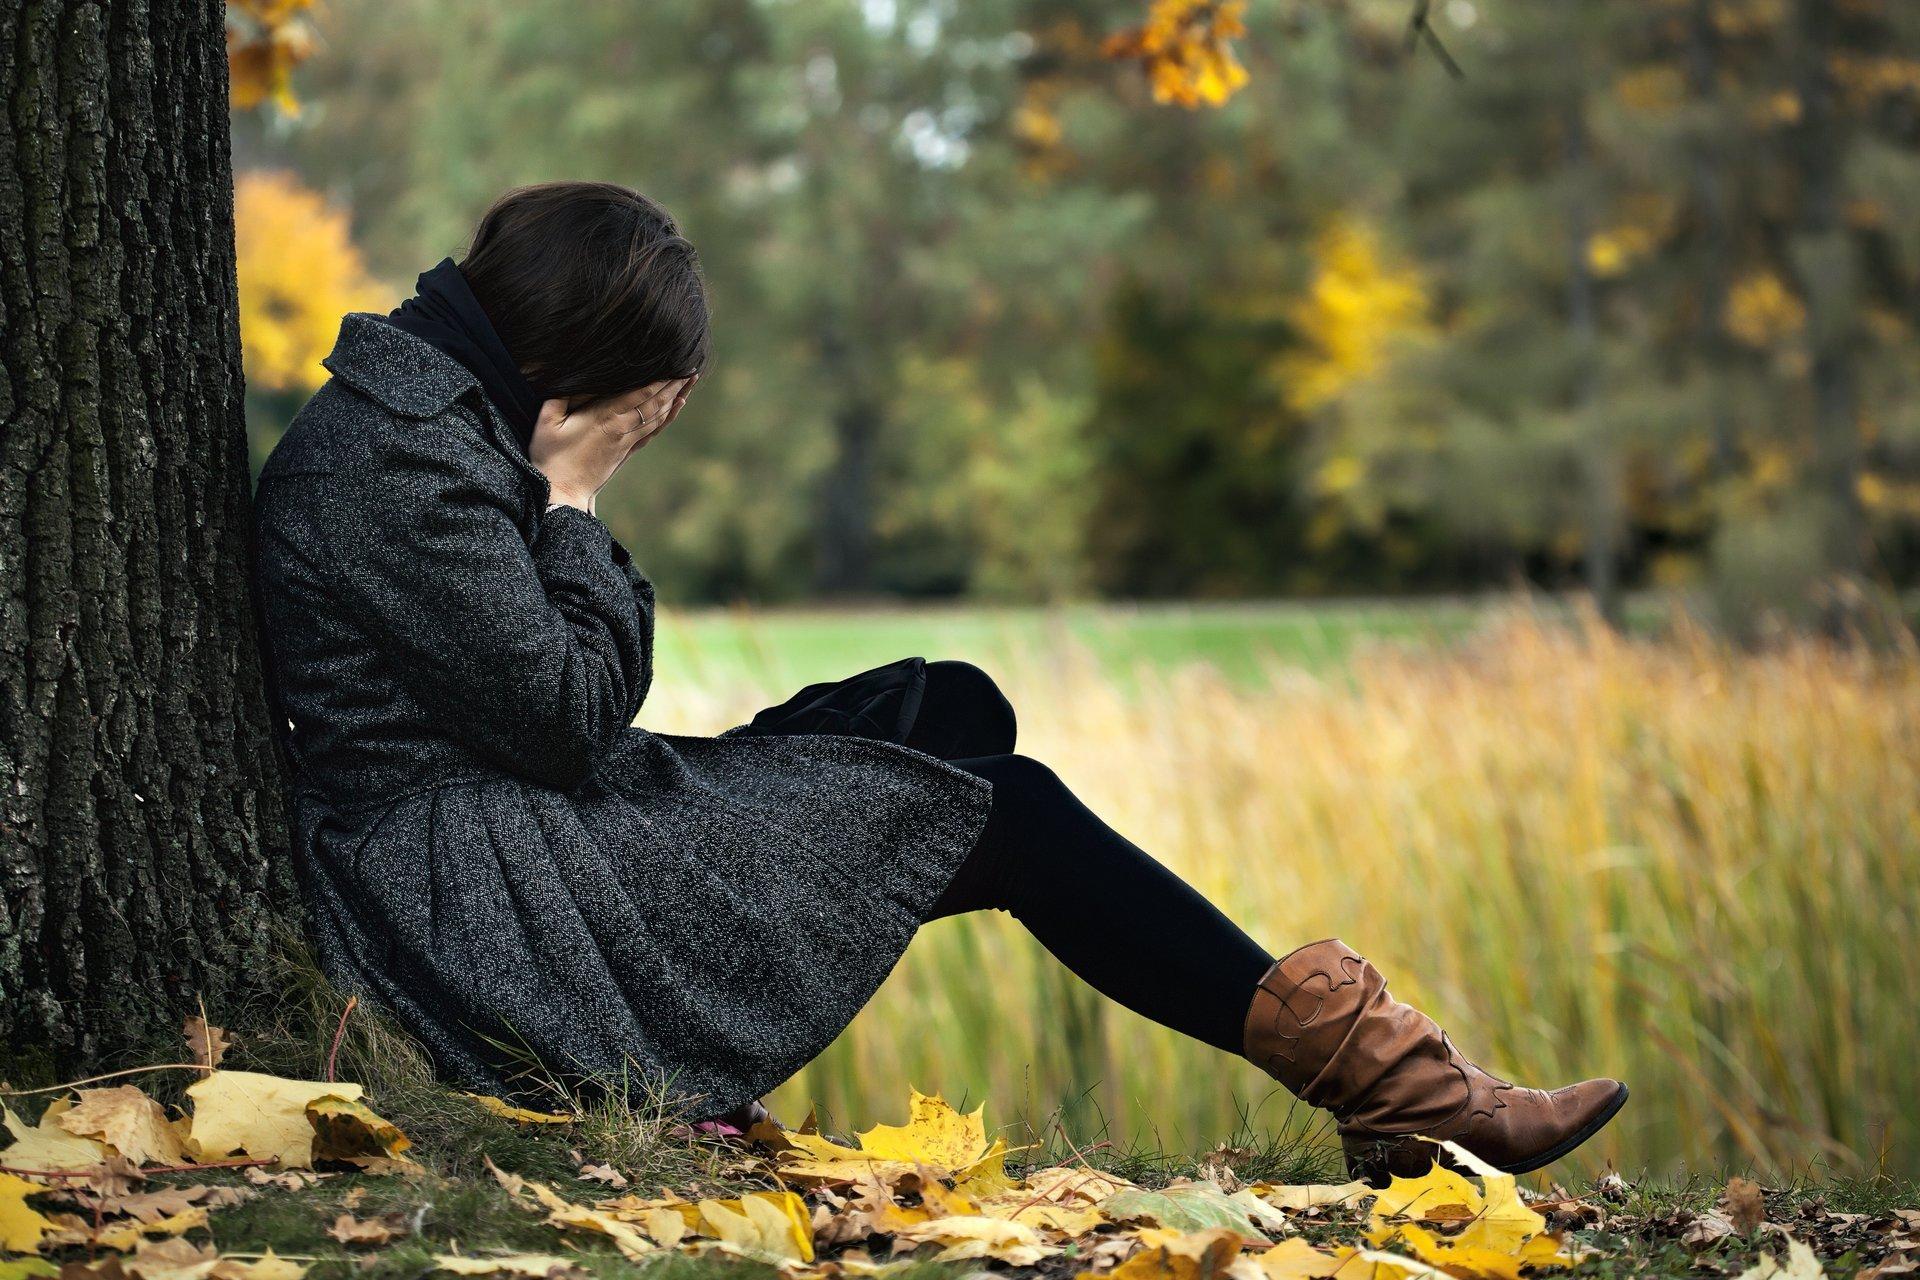 Истинную депрессию часто путают с упадком сил или просто плохим настроением